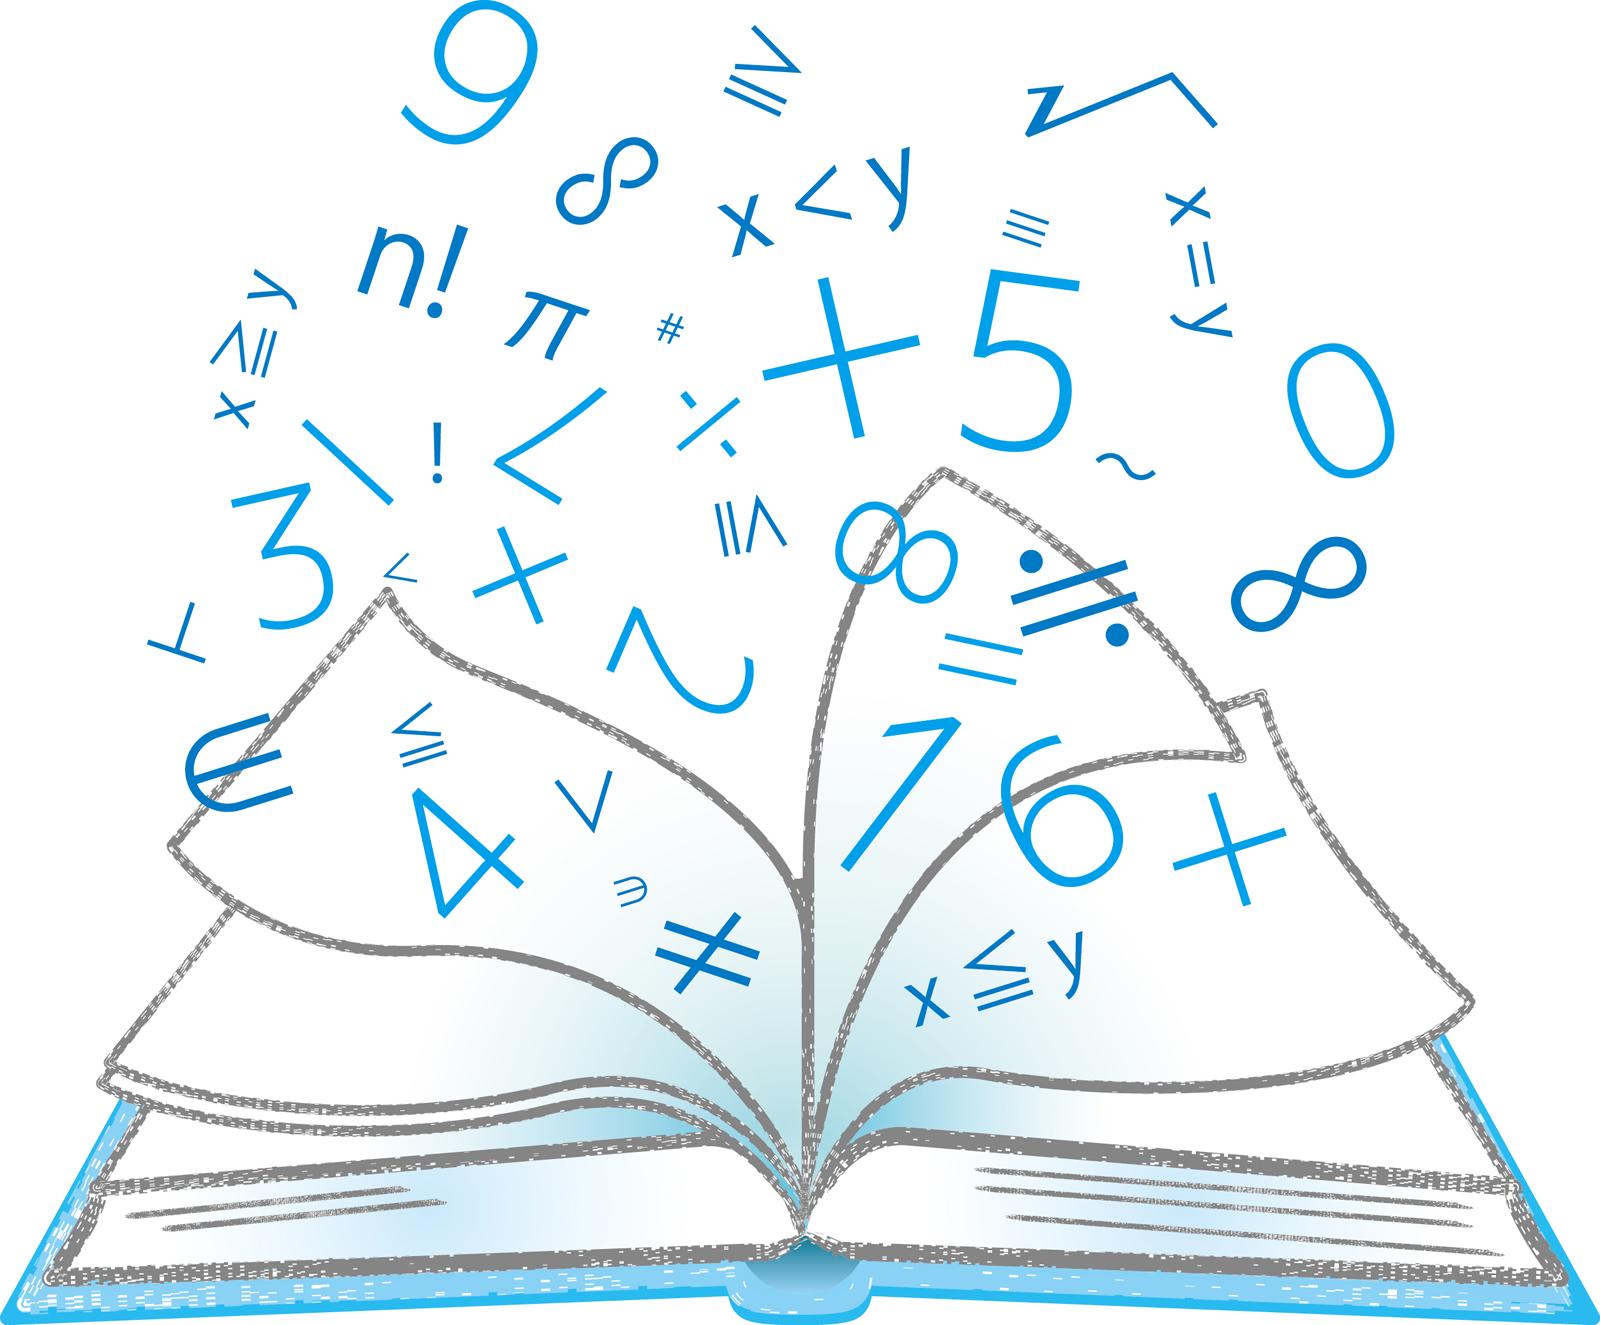 数字 算数 数学